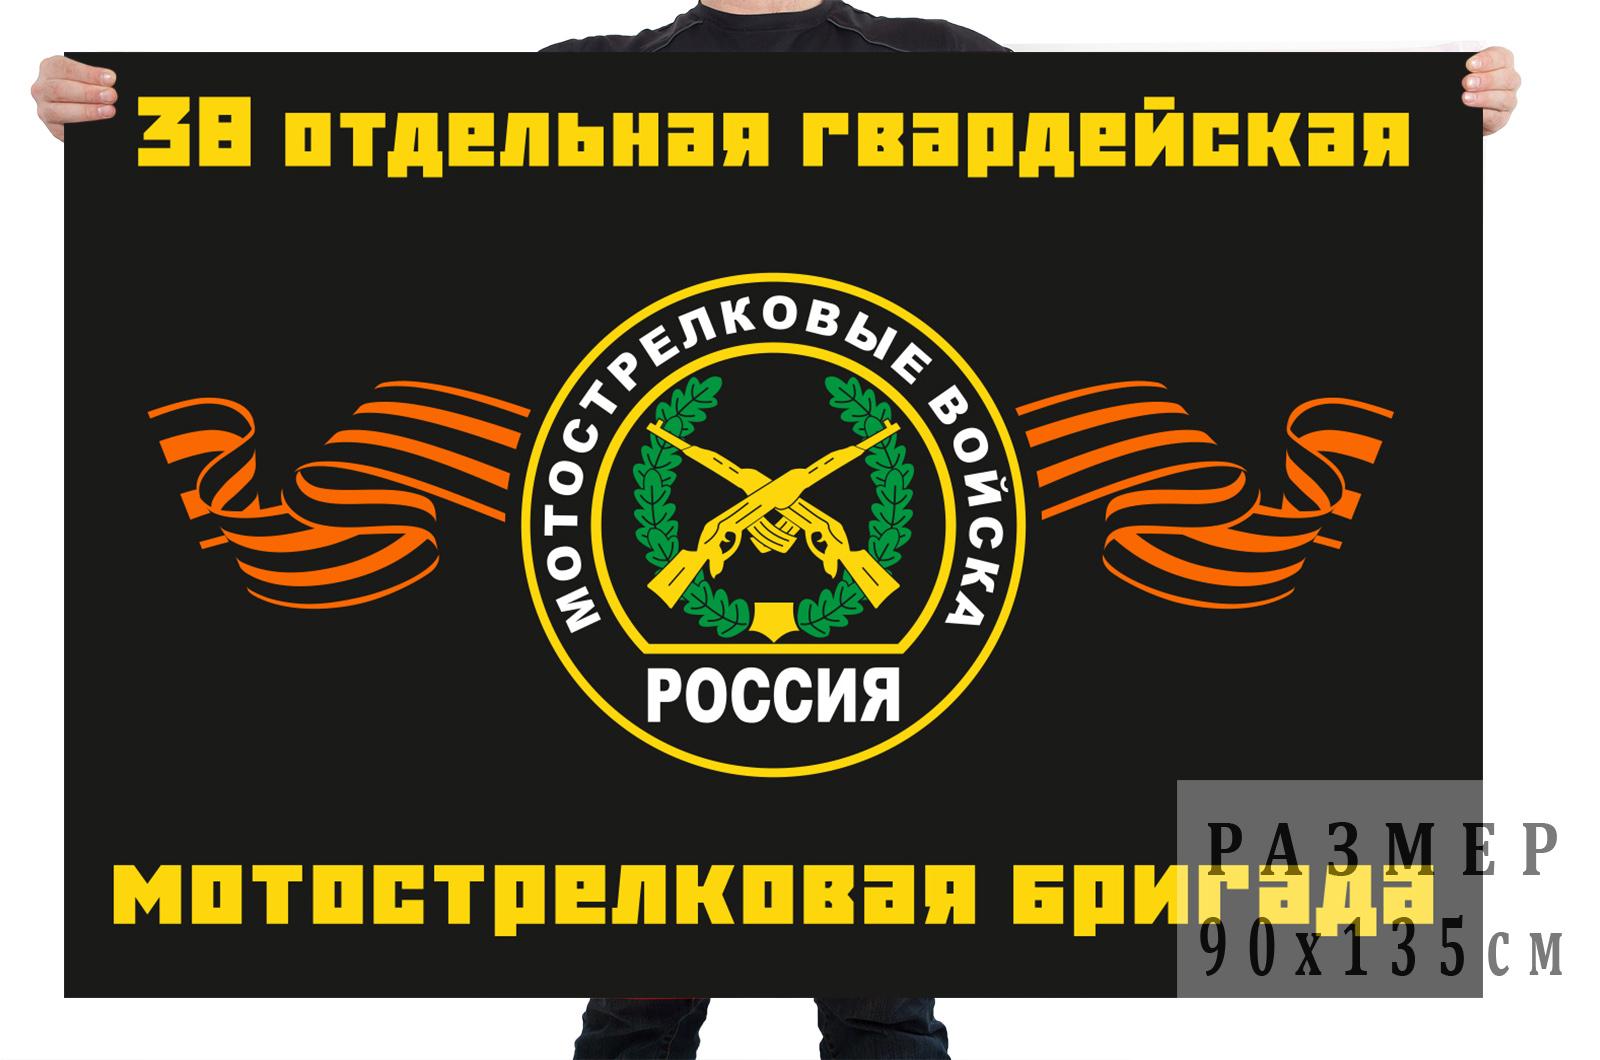 Купить в интернете флаг 38-я отдельная гвардейская мотострелковая бригада